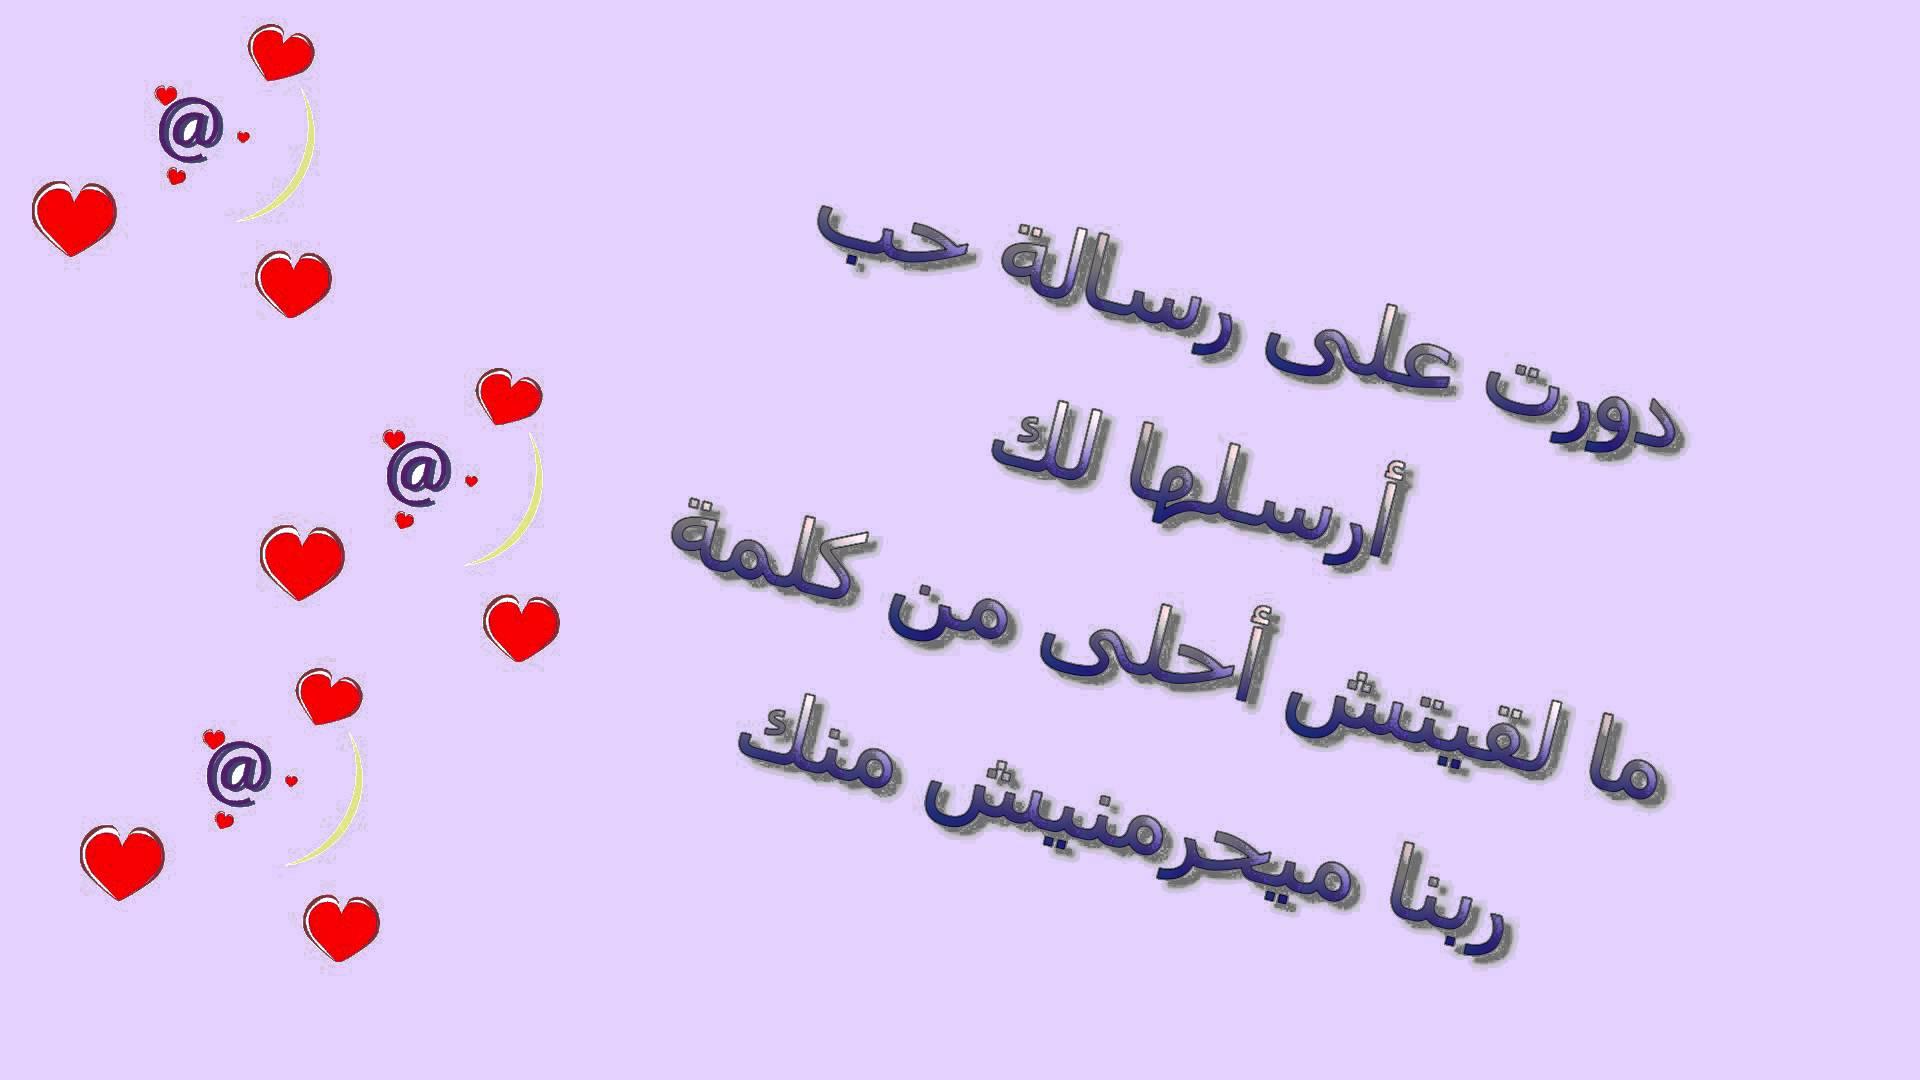 بالصور اجمل رسائل الحب , عبارات عاطفية رومانسية جميلة 2130 2